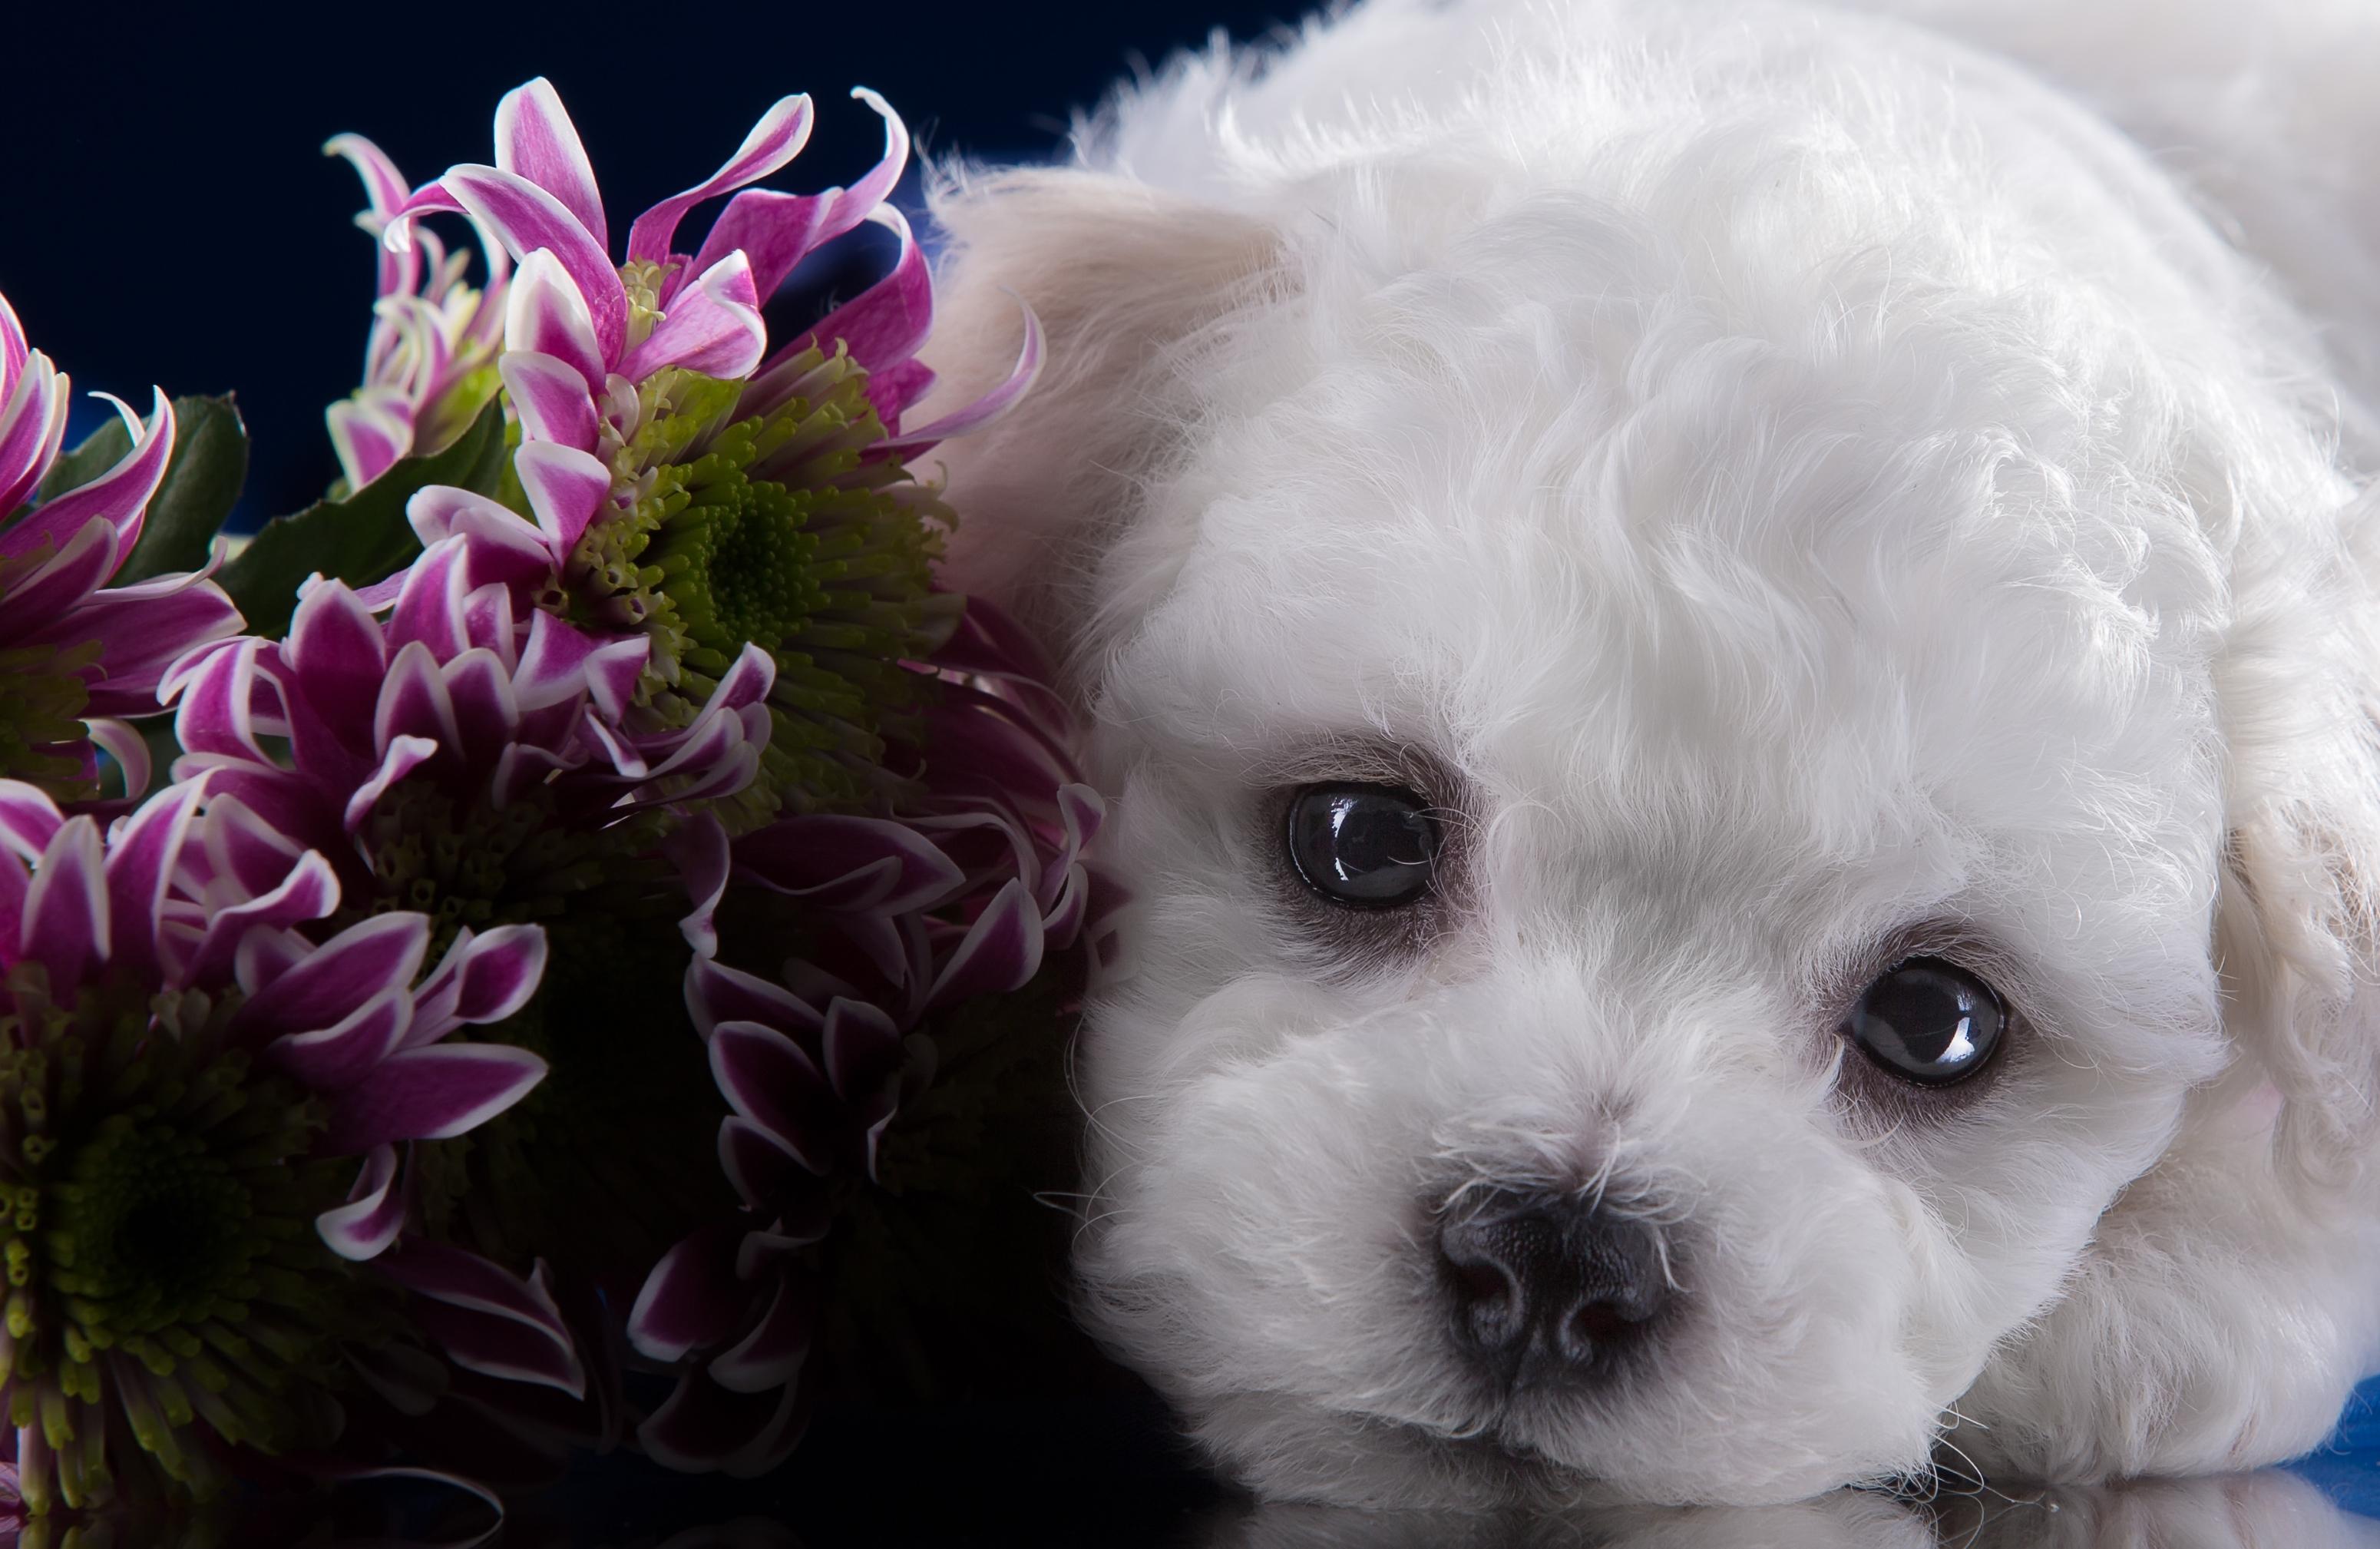 щенок и цветы картинки заварного теста запекается